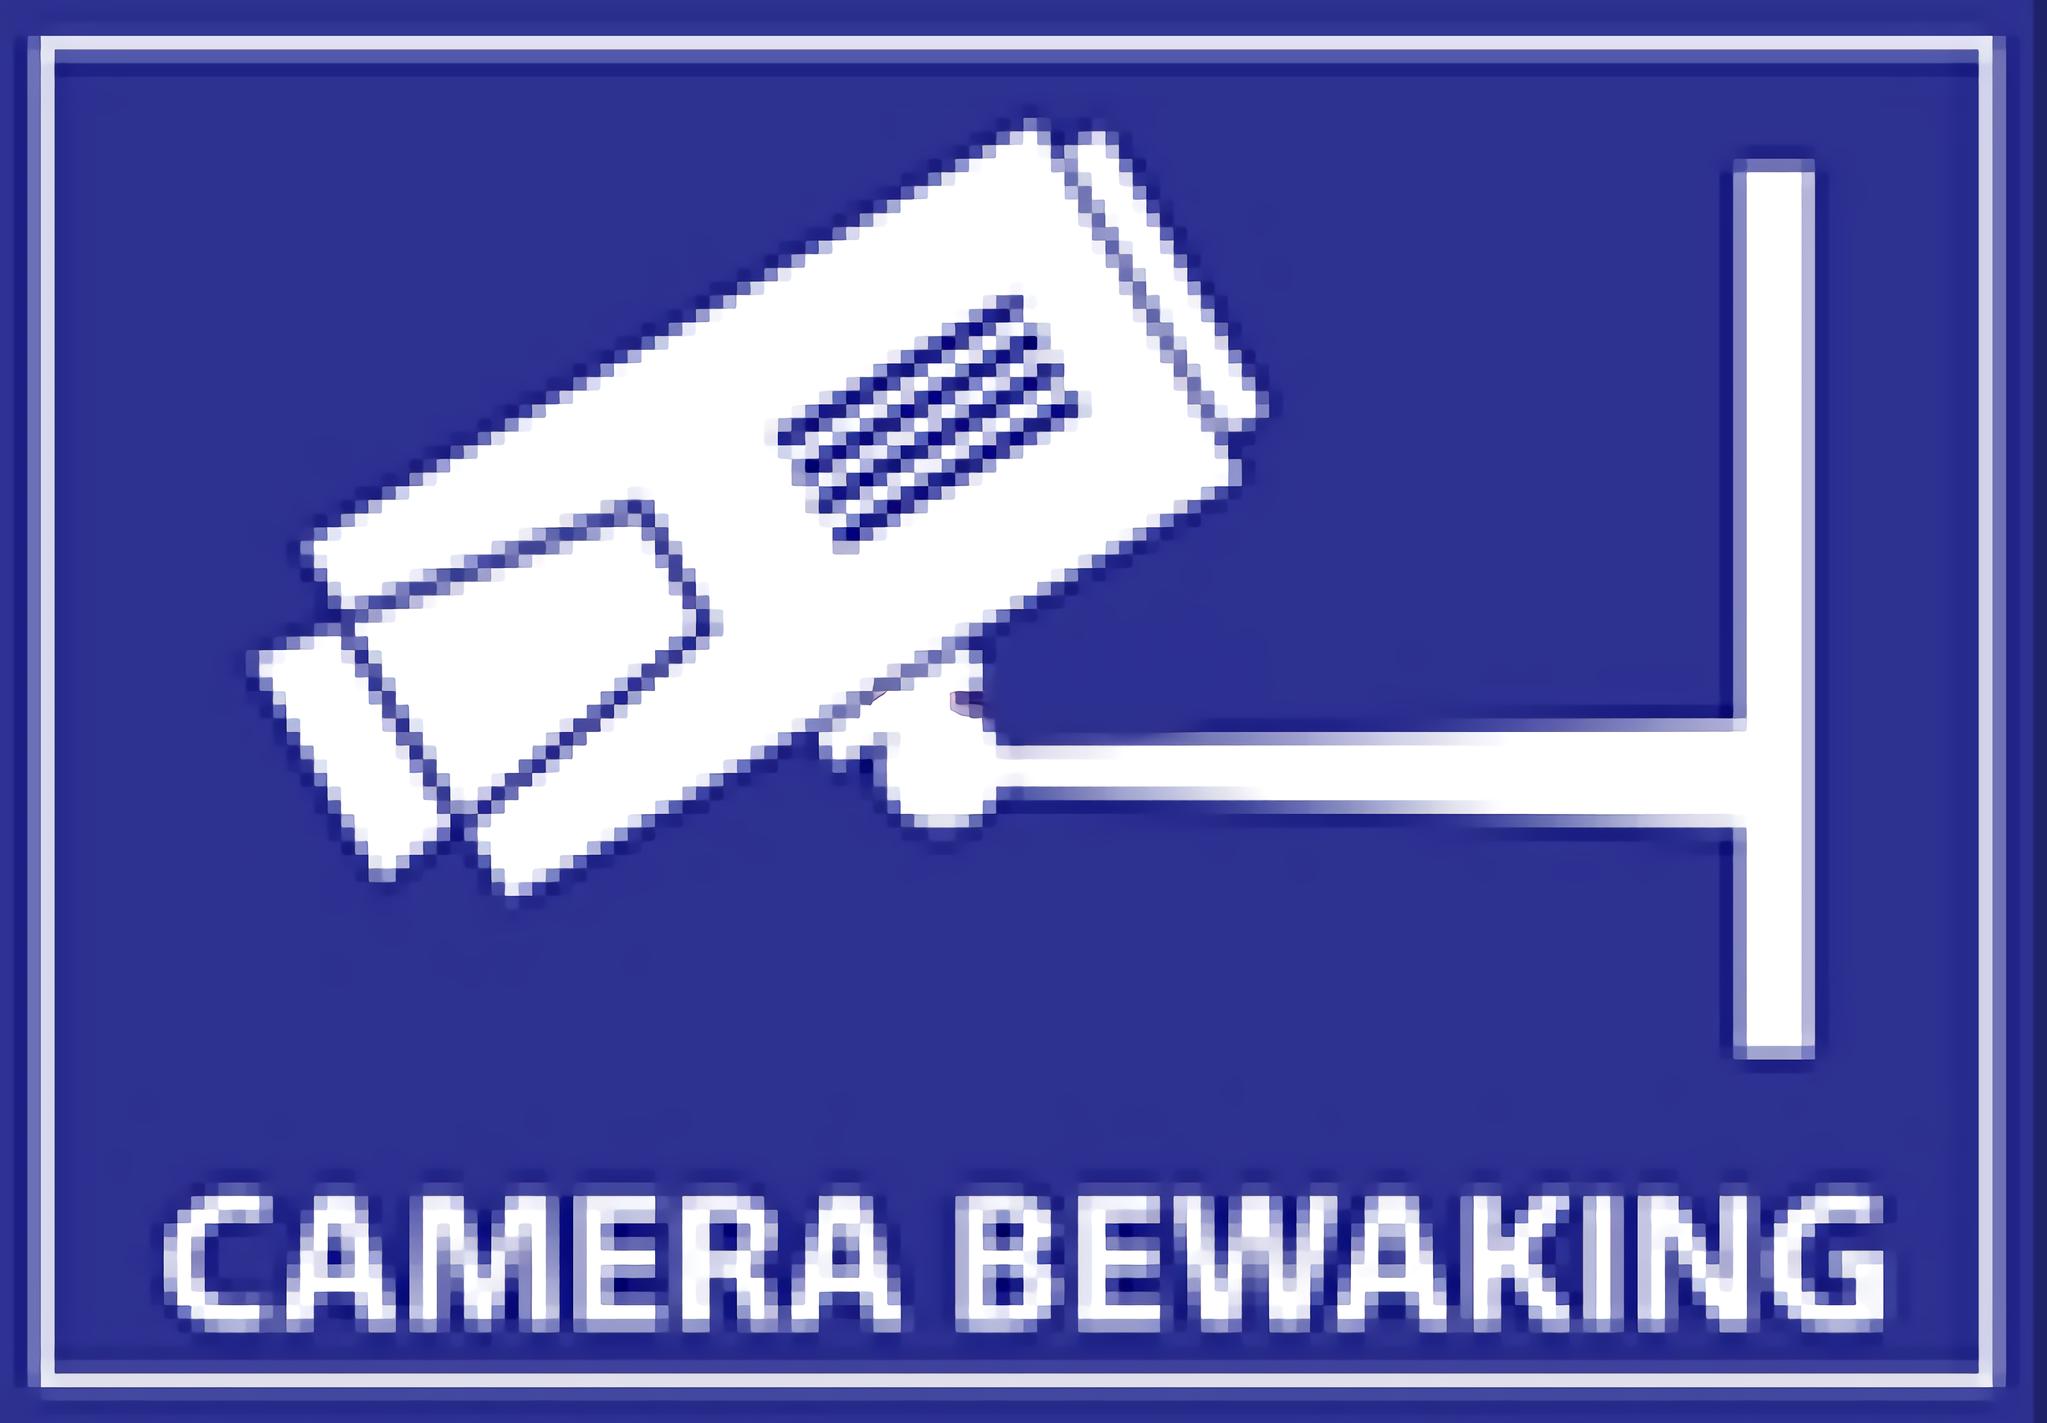 Wijs klanten, medewerkers en passanten op uw bewakingcamera's. Deze professionele waarschuwingssticker schrikt af en kan dus preventief veel ergernis besparen. De stickers zijn enkelzijdig en weer bestendig.